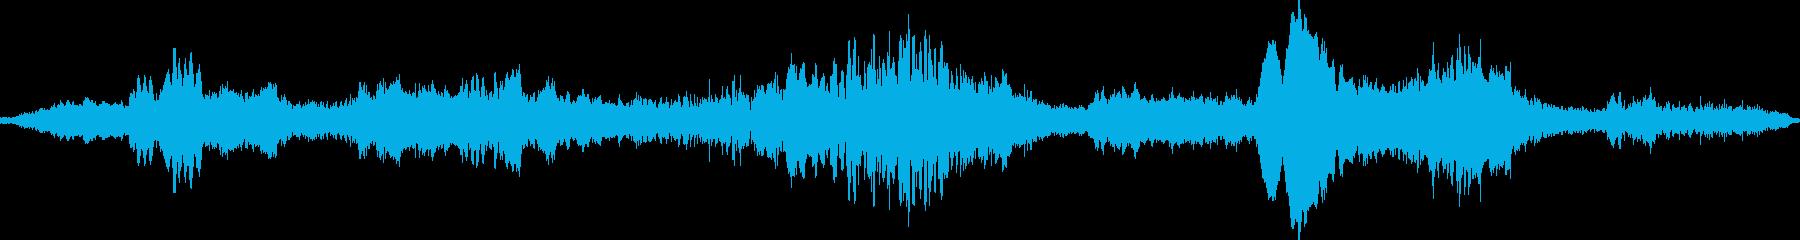 Electric Dreamz 1...の再生済みの波形